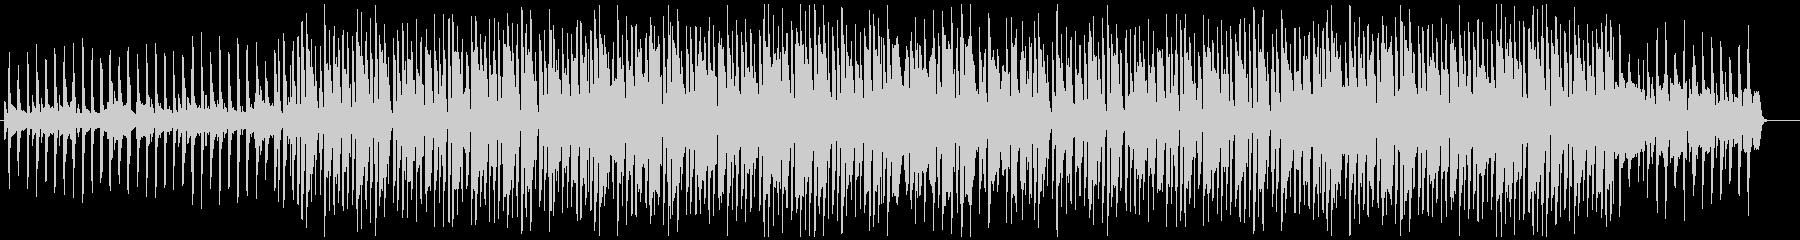 交響曲第九番 「喜びの歌」レゲエアレンジの未再生の波形